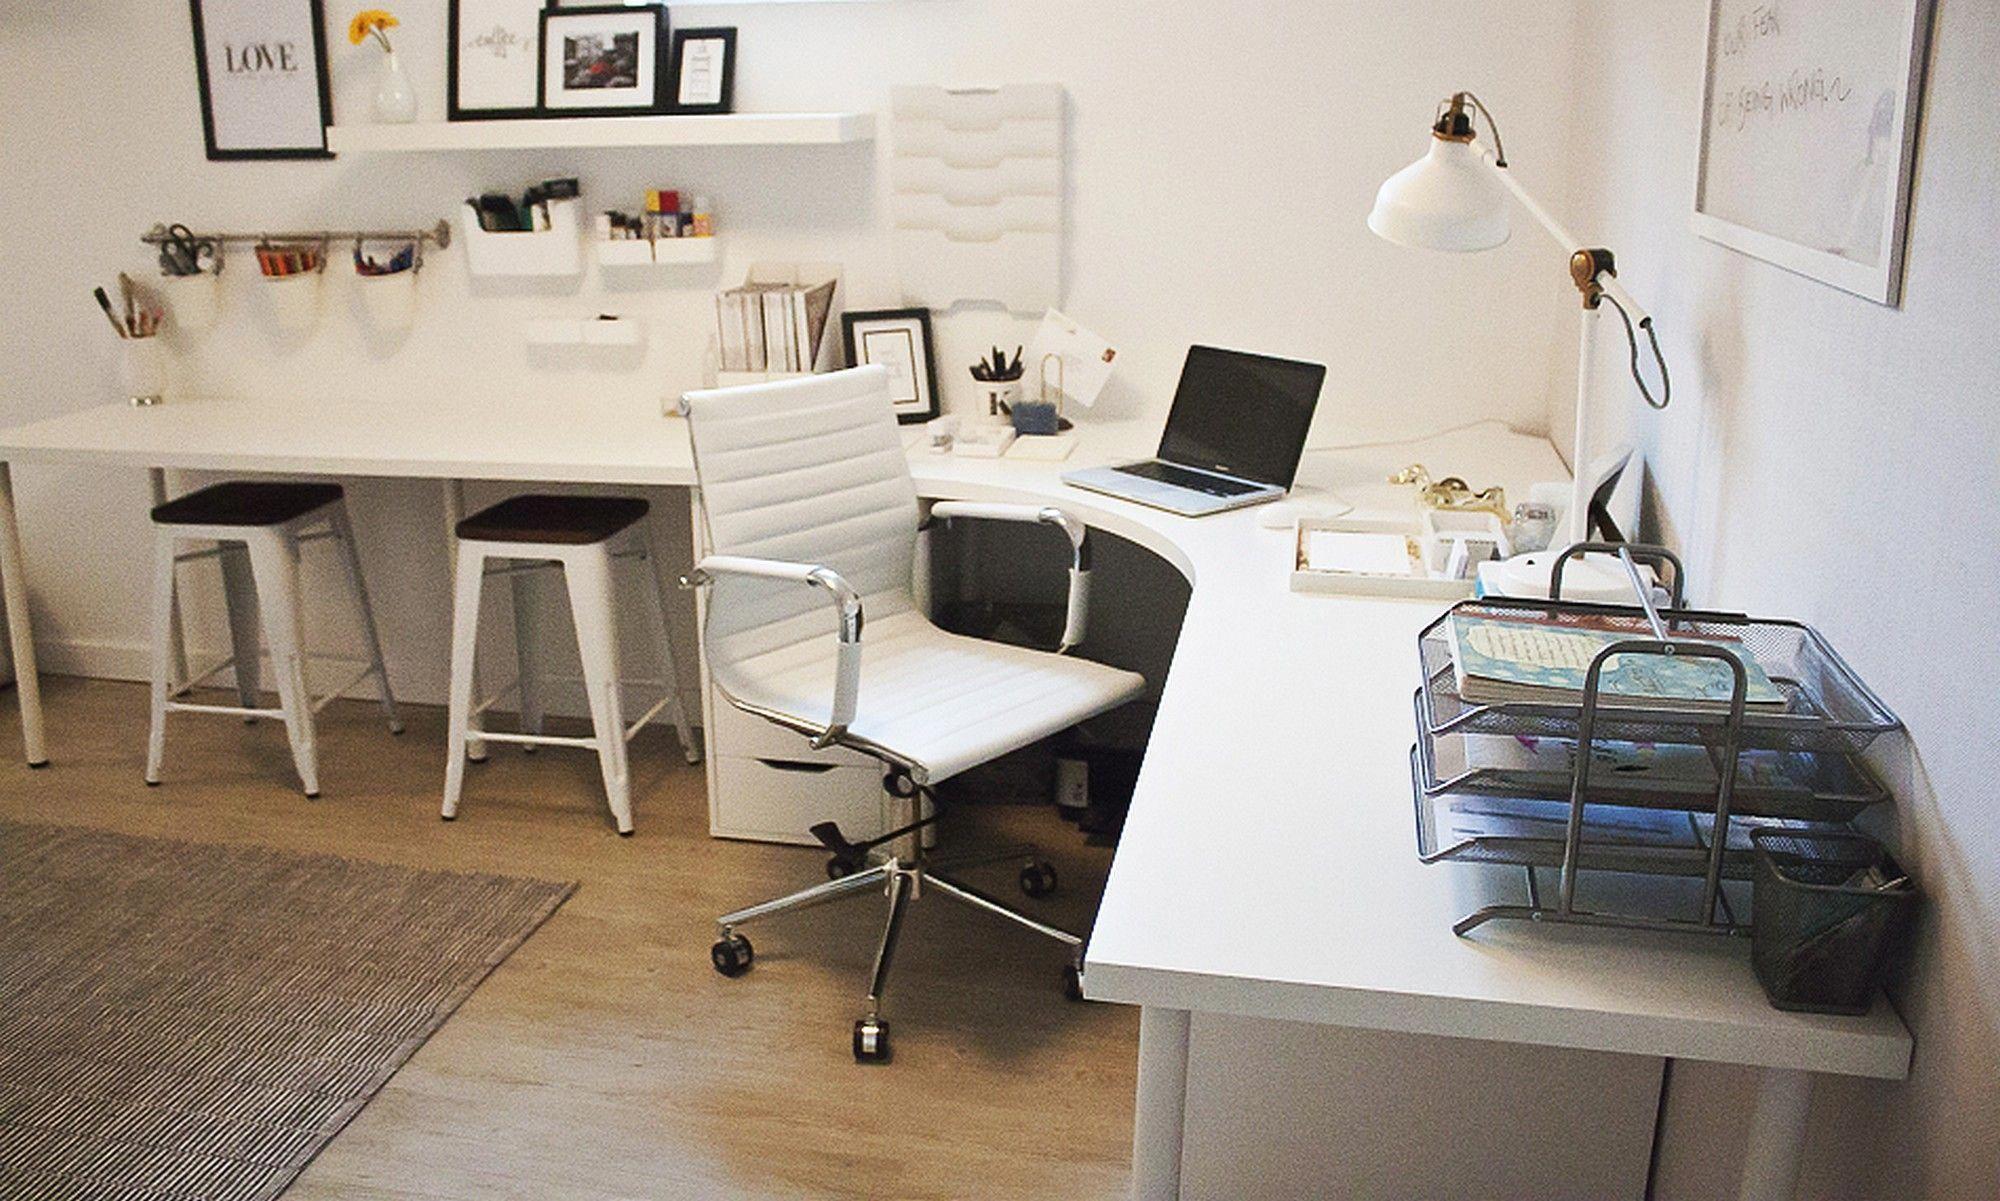 Home Office Corner Desk Setup Ikea Linnmon Adils Combination Home Office Design Ikea Home Office Corner Desk Office